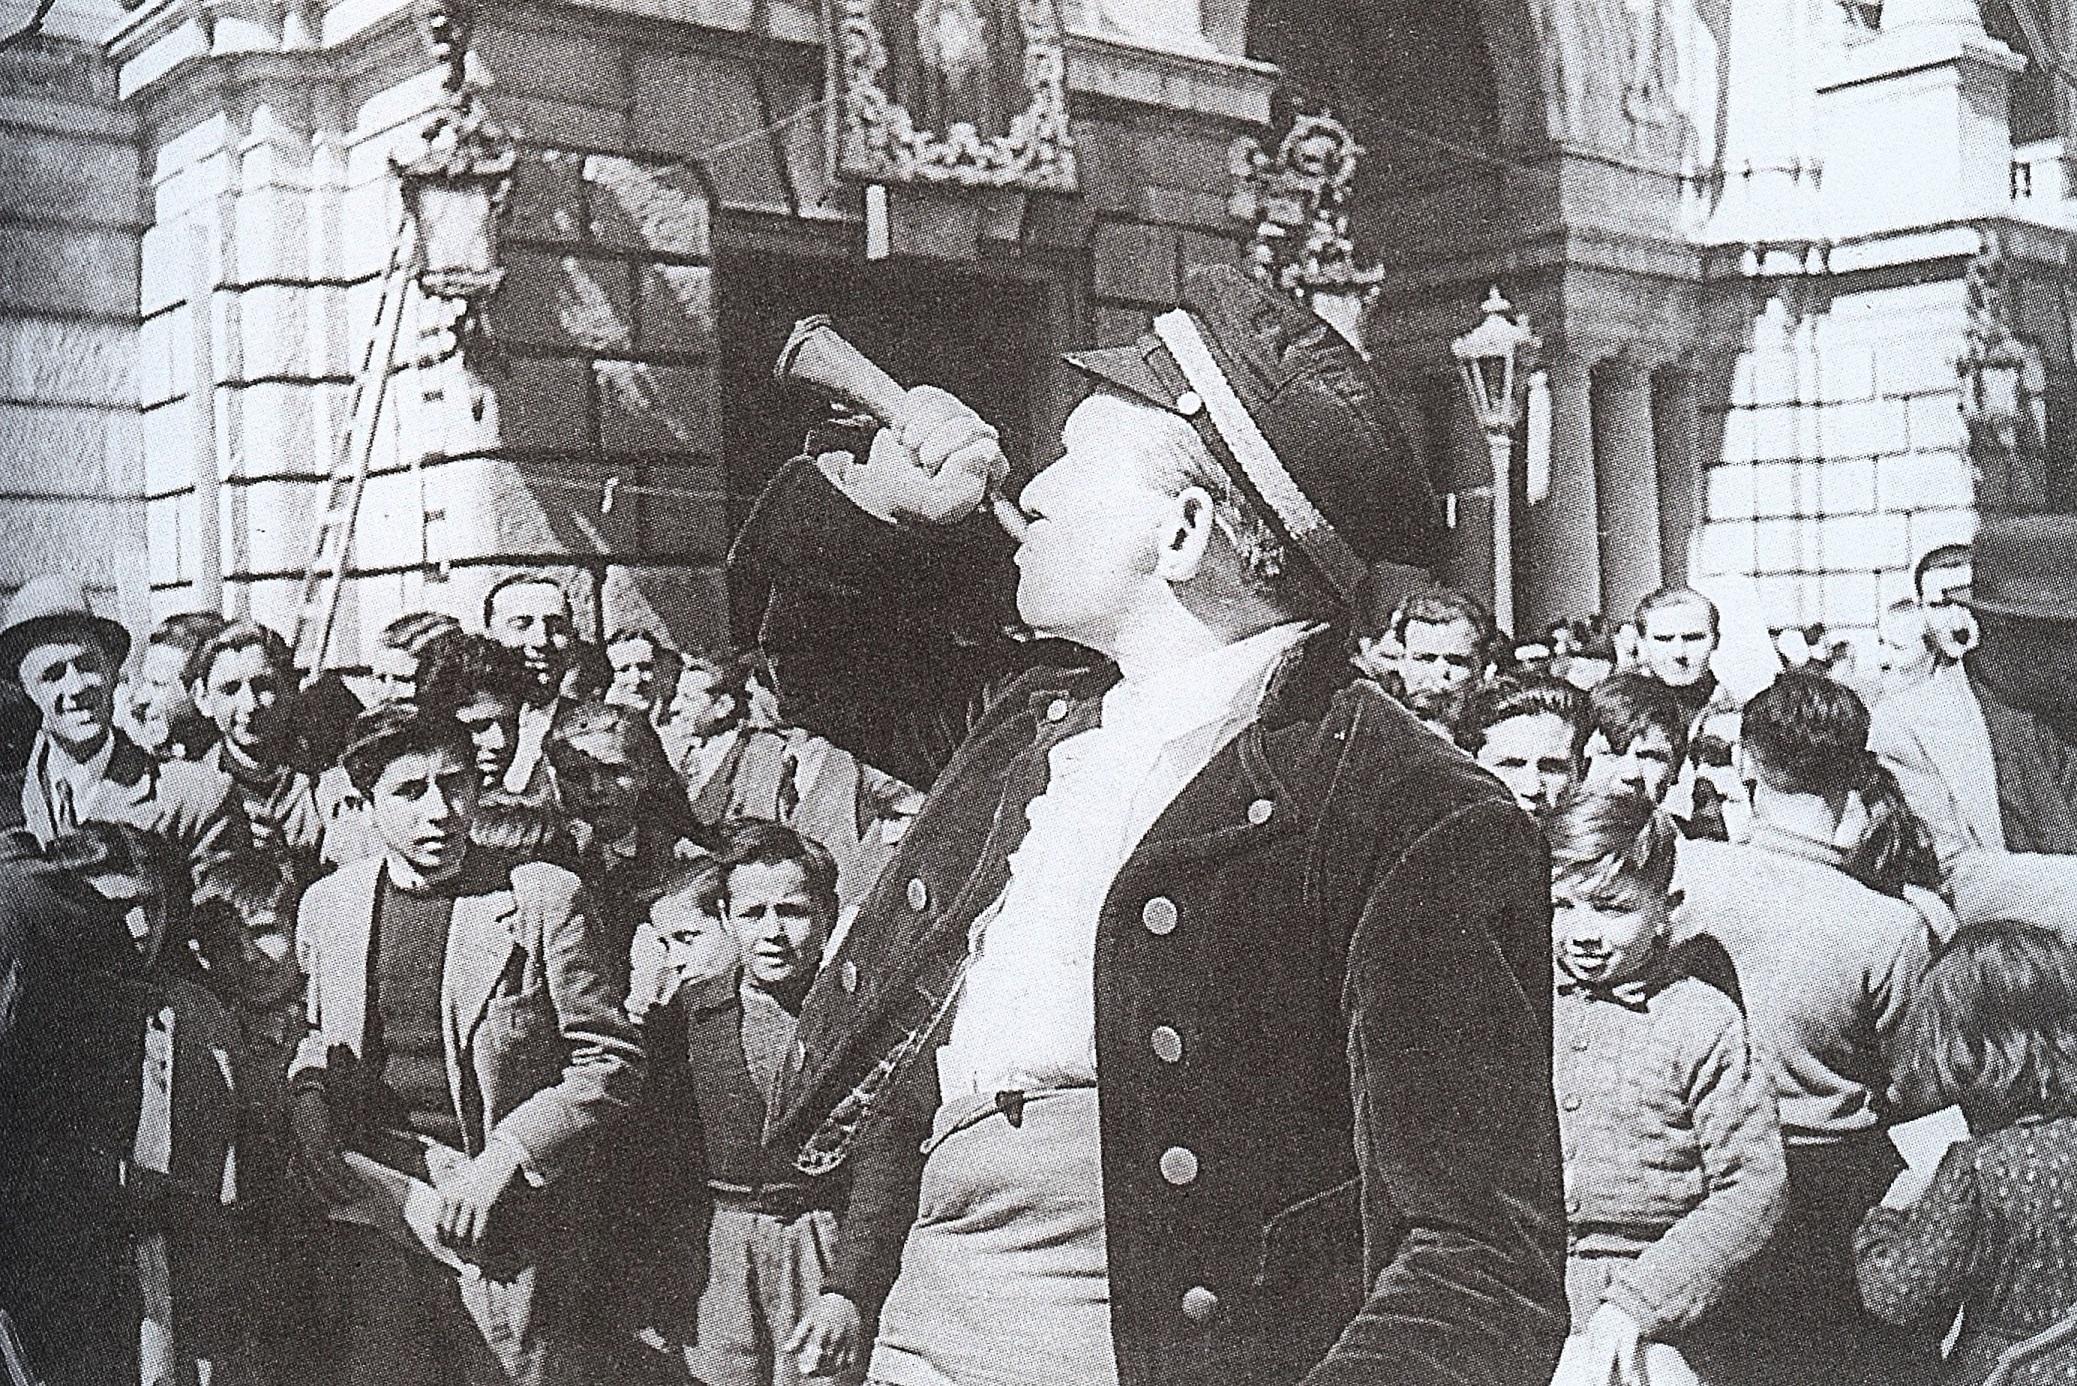 Foto del pregonero en la Crida de 1944. Fuente: www.skyscrapercity.com (Remember Valencia)